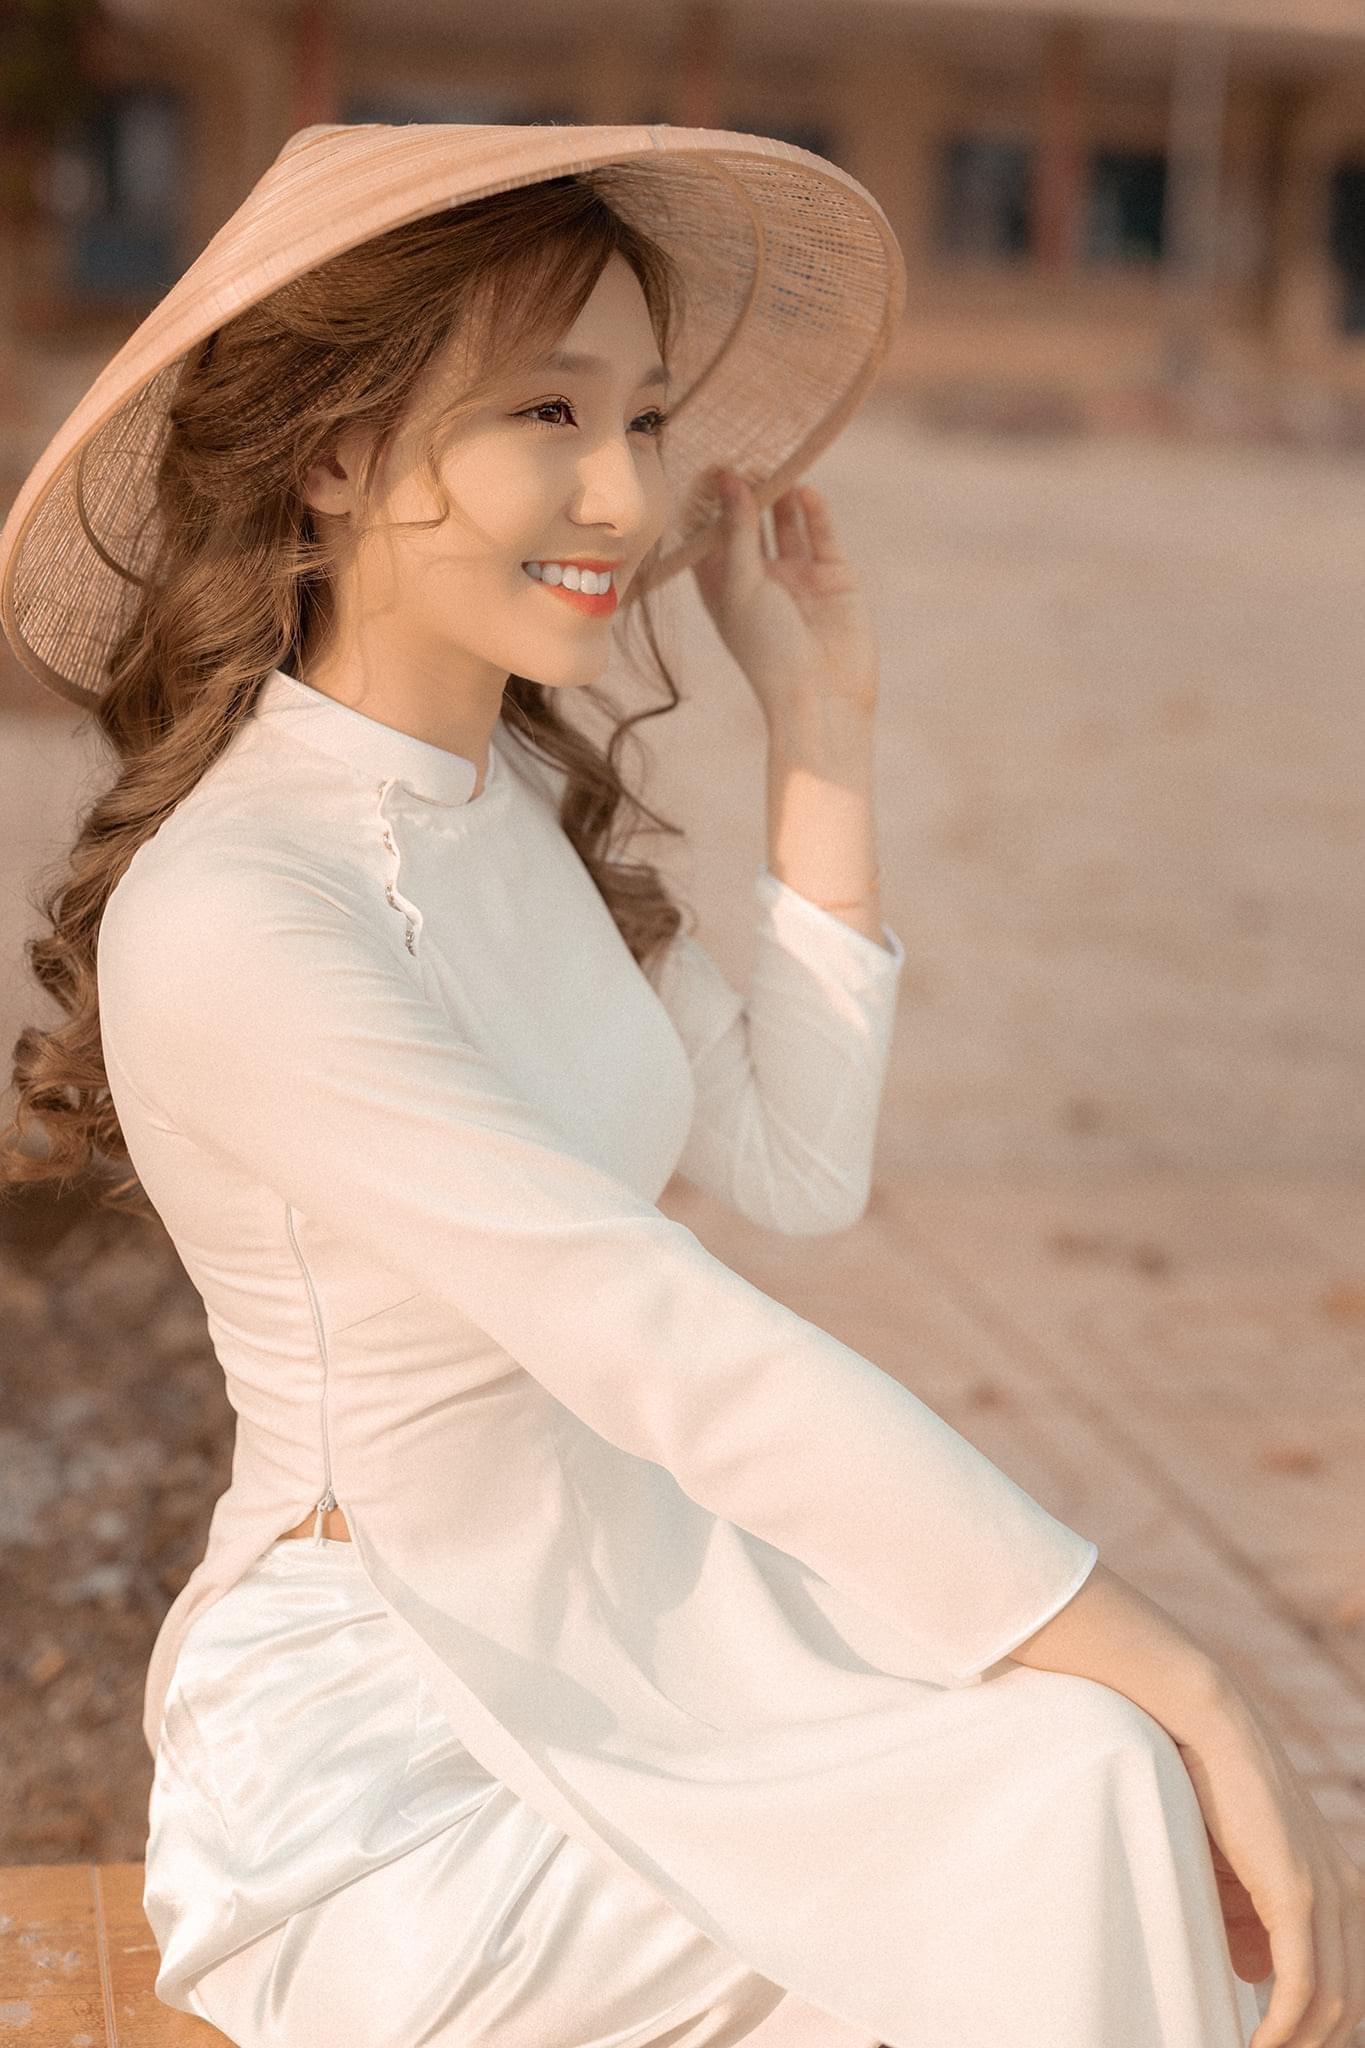 Ao dai chup ngoi 5 min - 49 cách tạo dáng chụp ảnh với áo dài tuyệt đẹp - HThao Studio